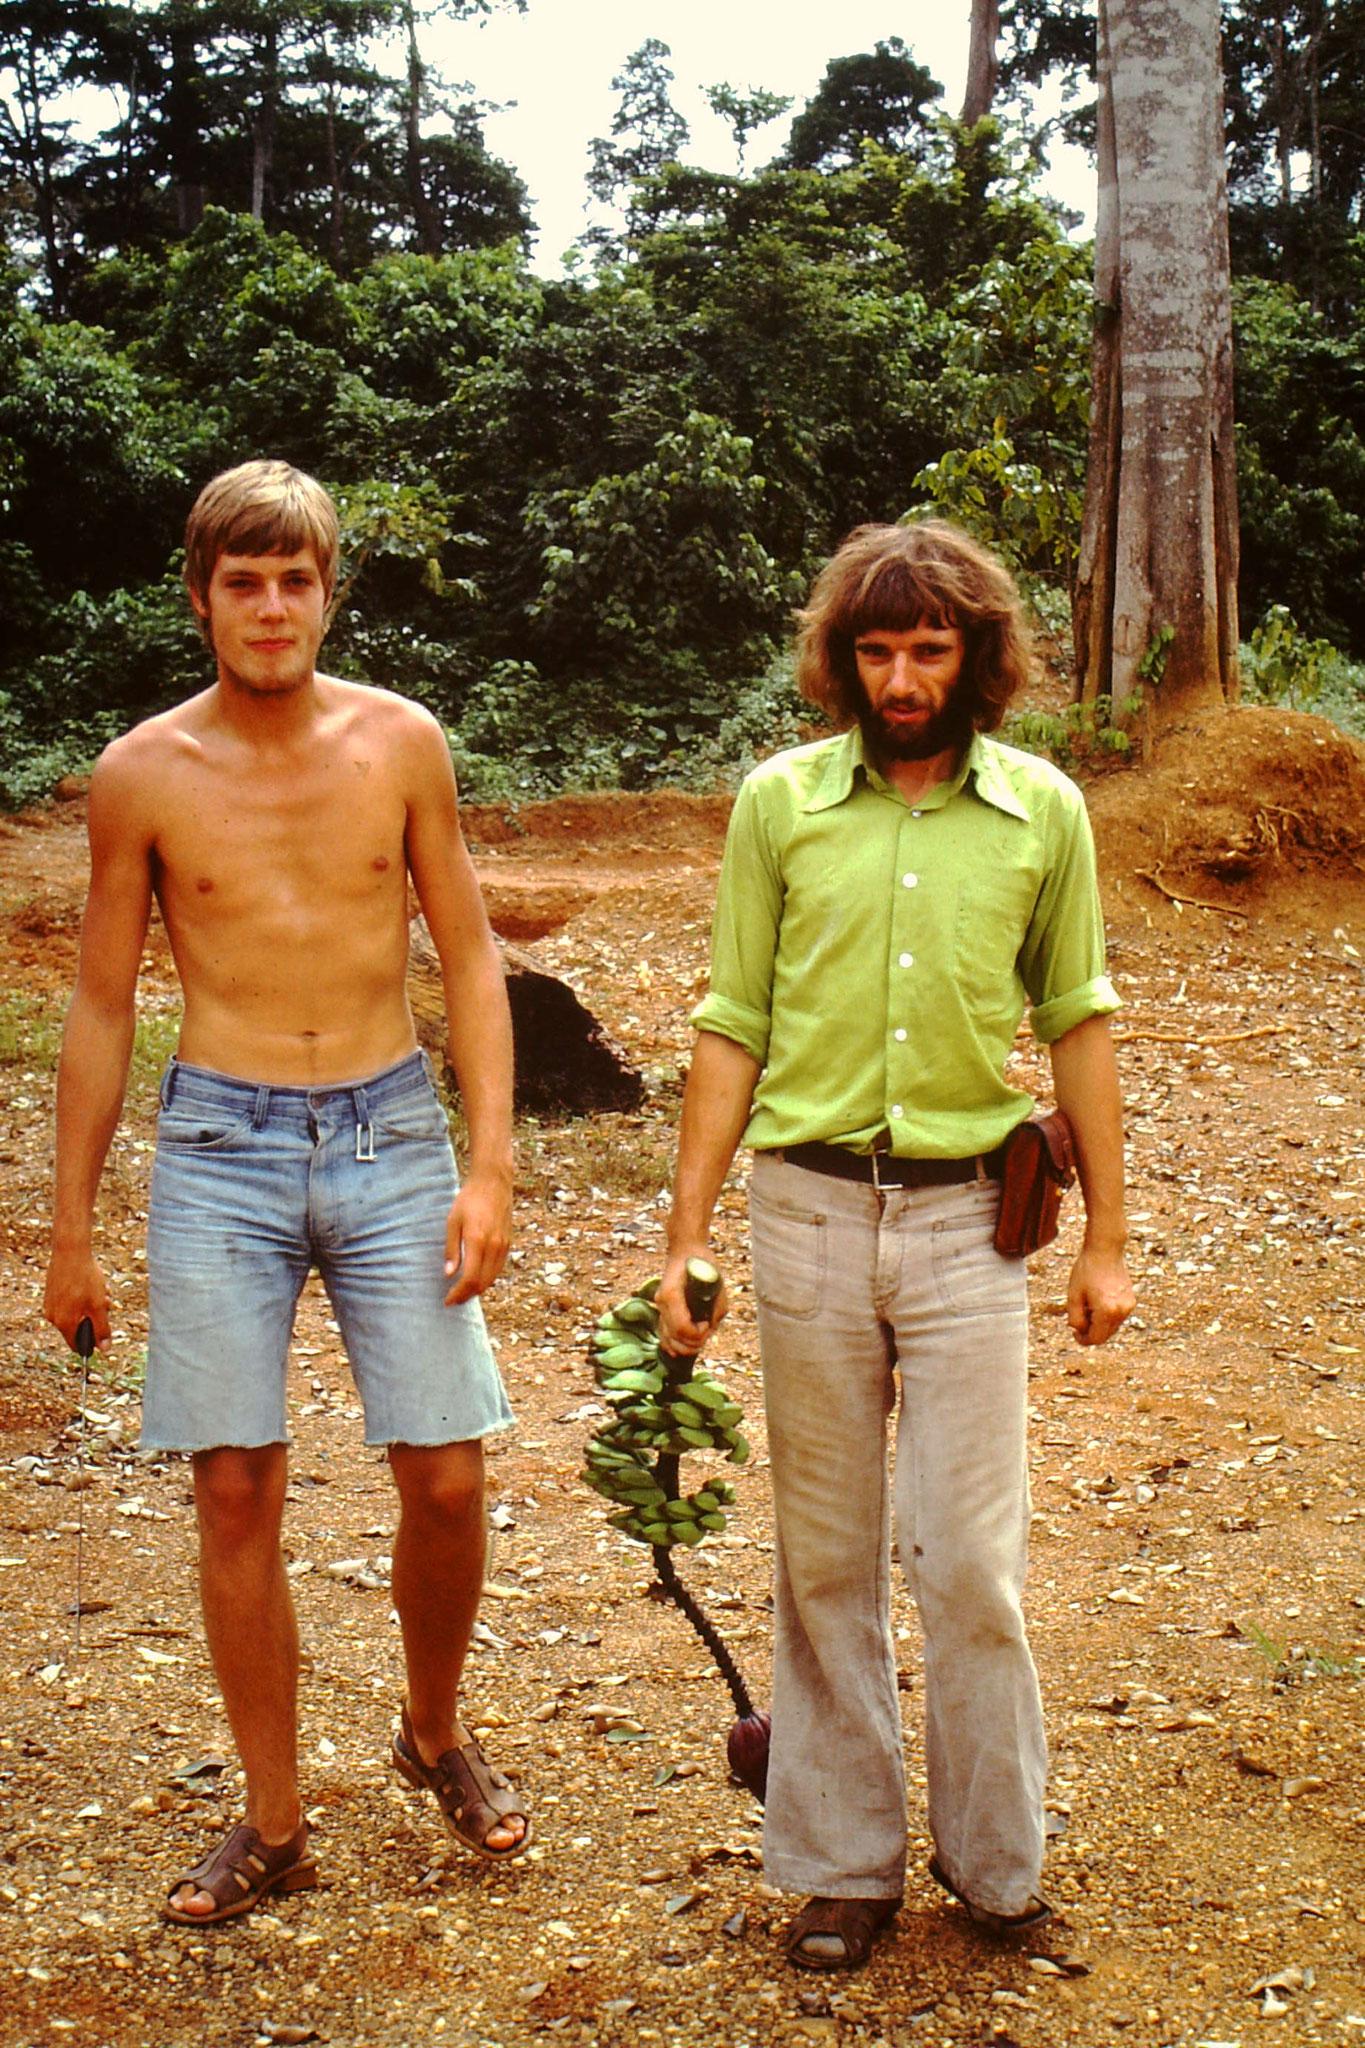 3. Roland, einer der Weggefährten und ich holten Nachschub an Bananen.